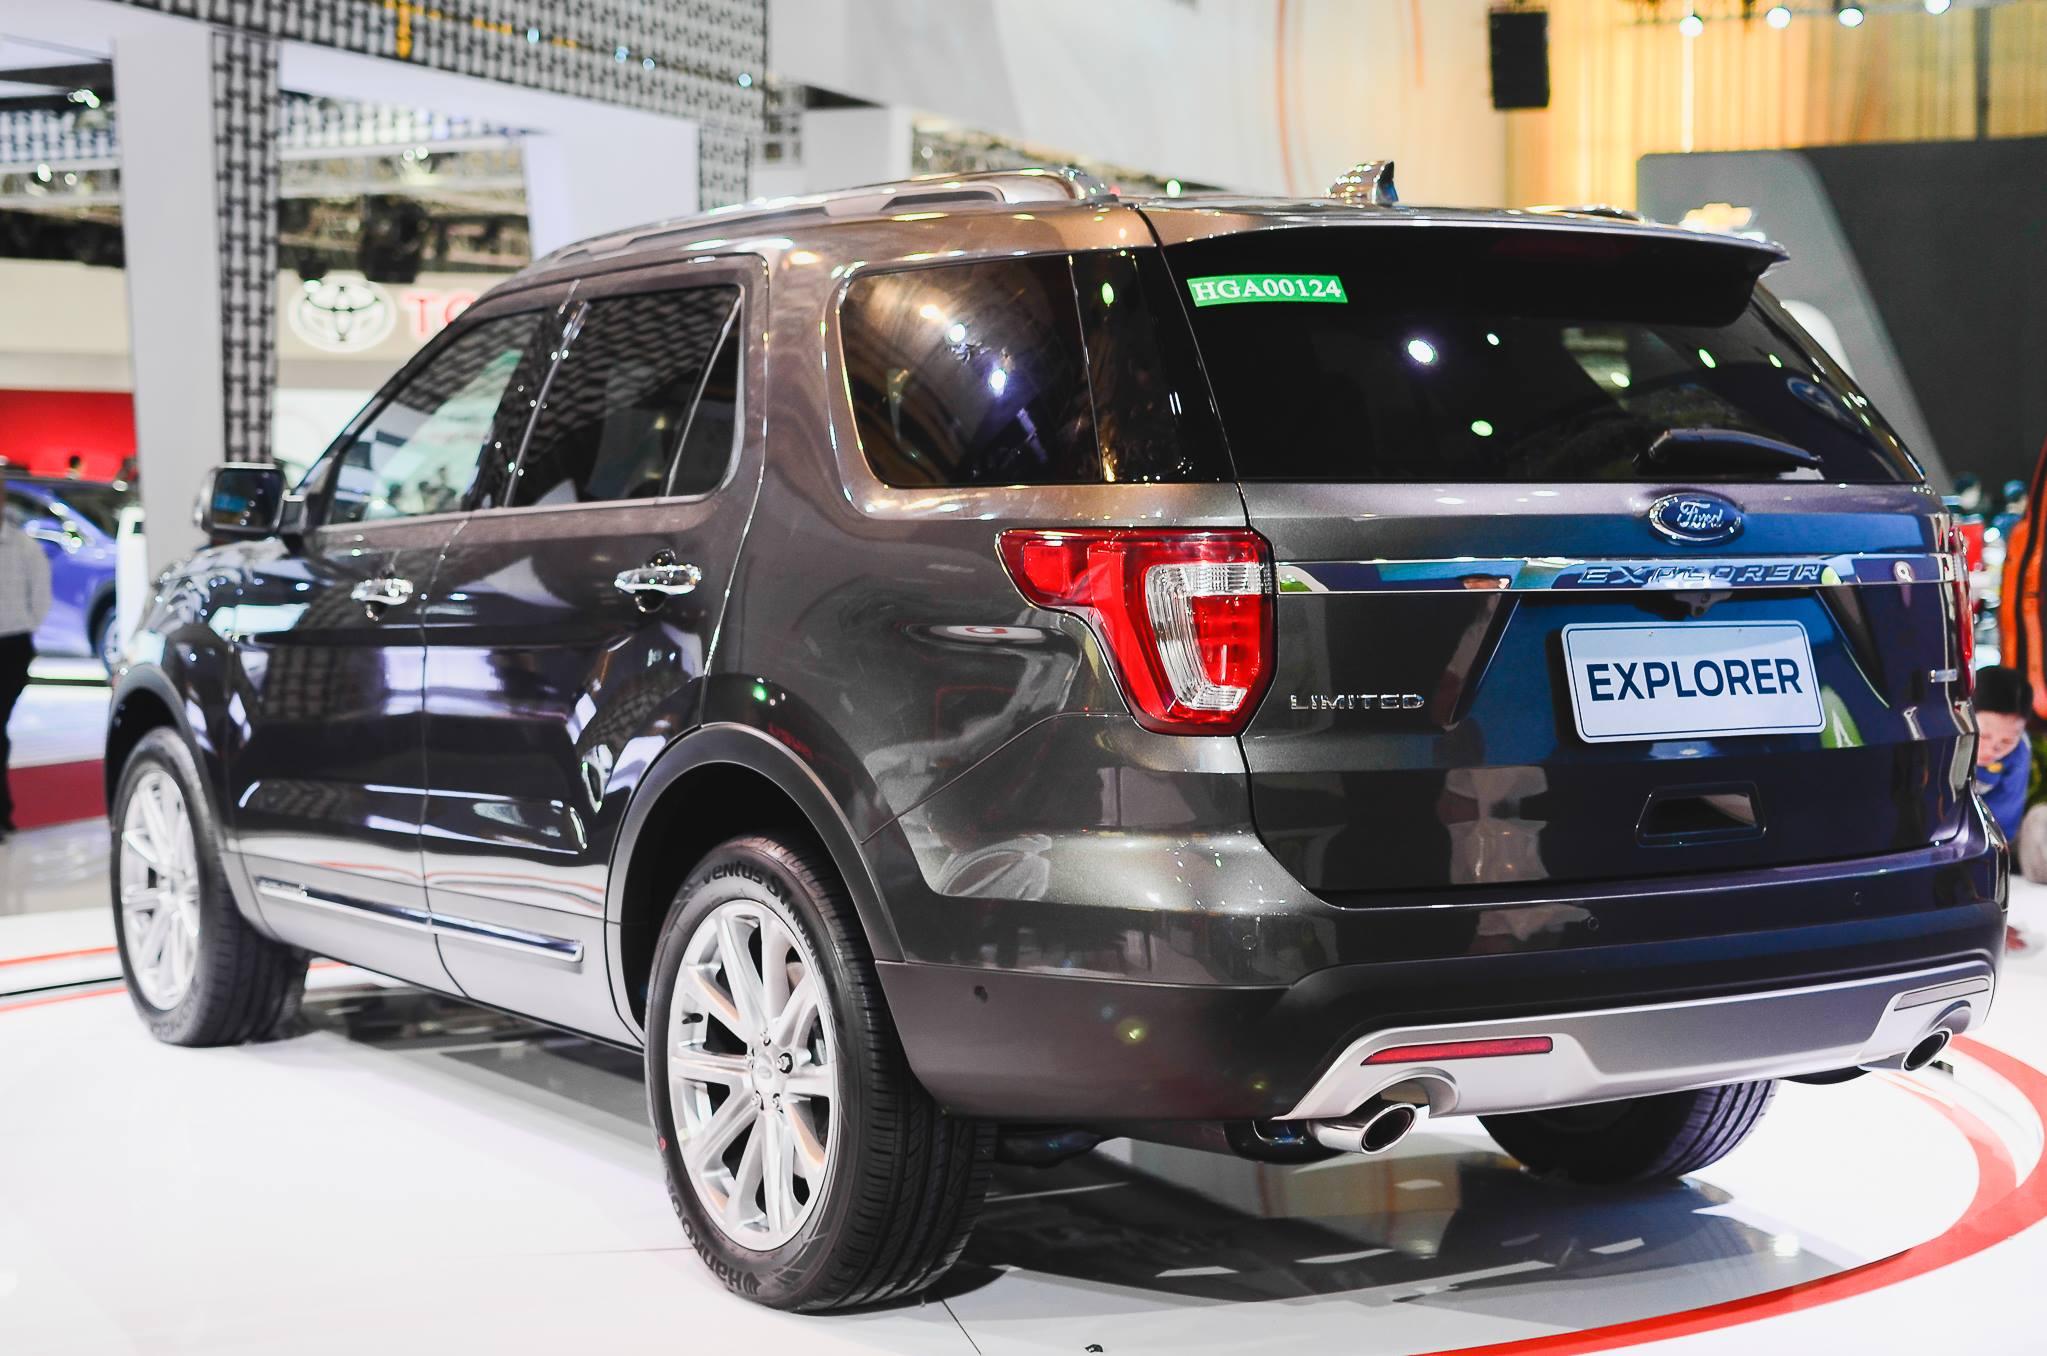 Ford Explorer 2017 giá bao nhiêu? Đánh giá thông số kỹ thuật xe Explorer 2017